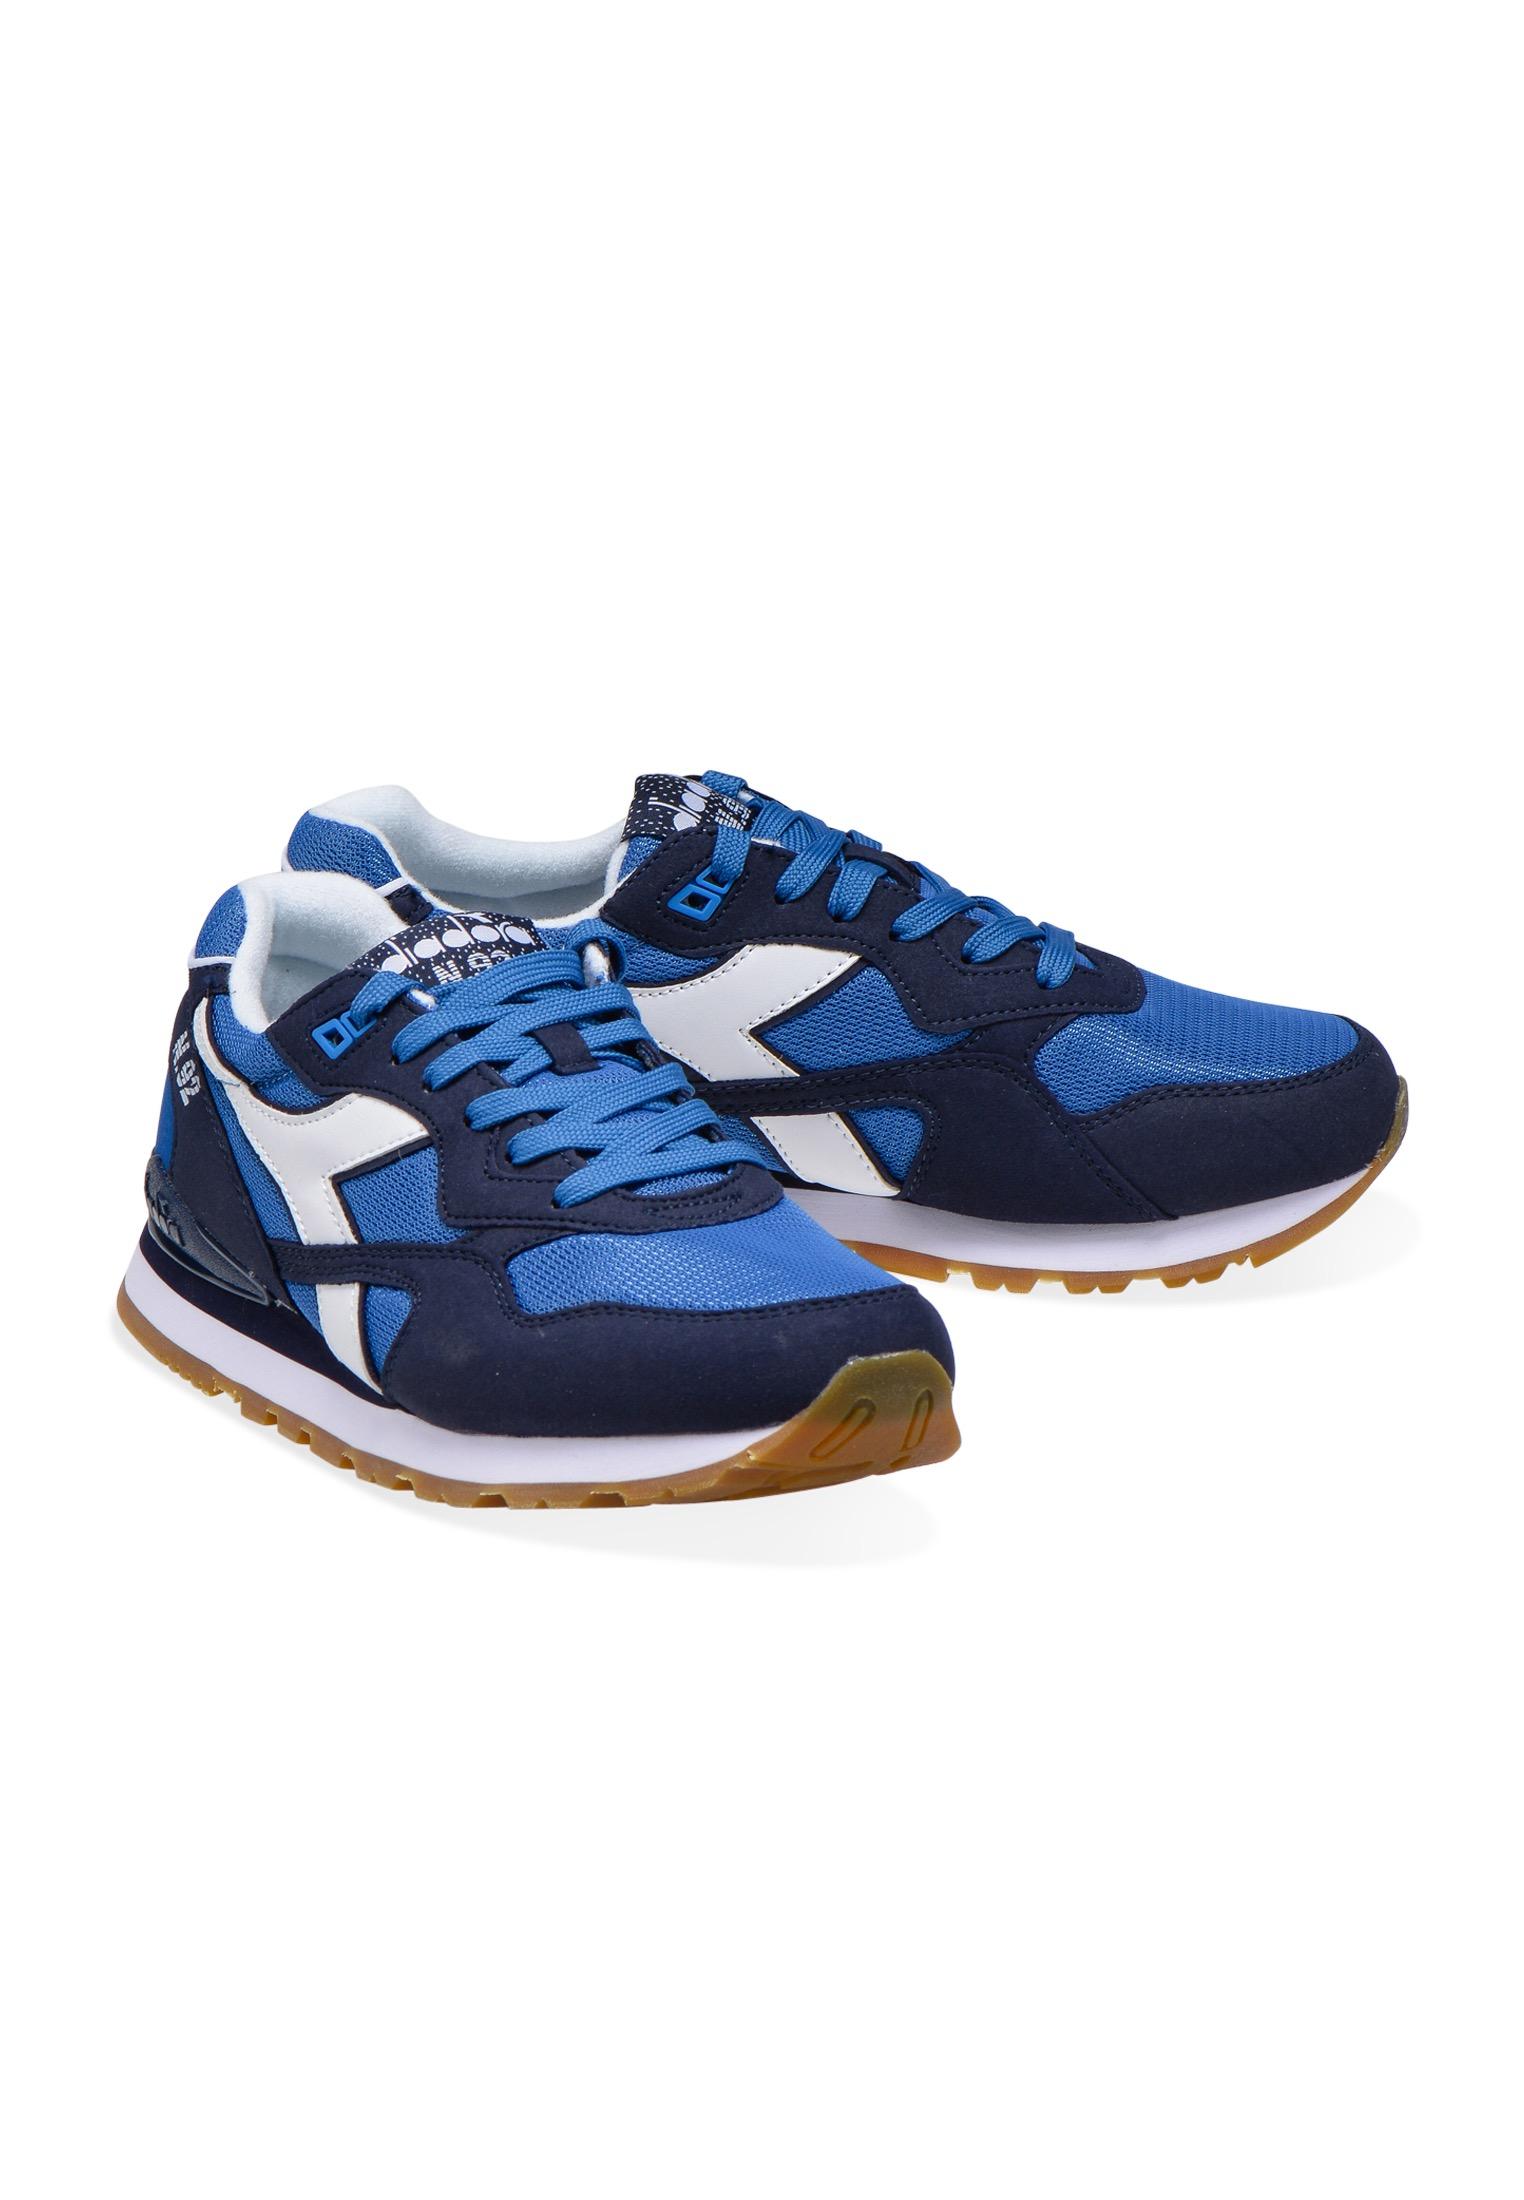 miniatura 29 - Diadora - Sneakers N.92 per uomo e donna